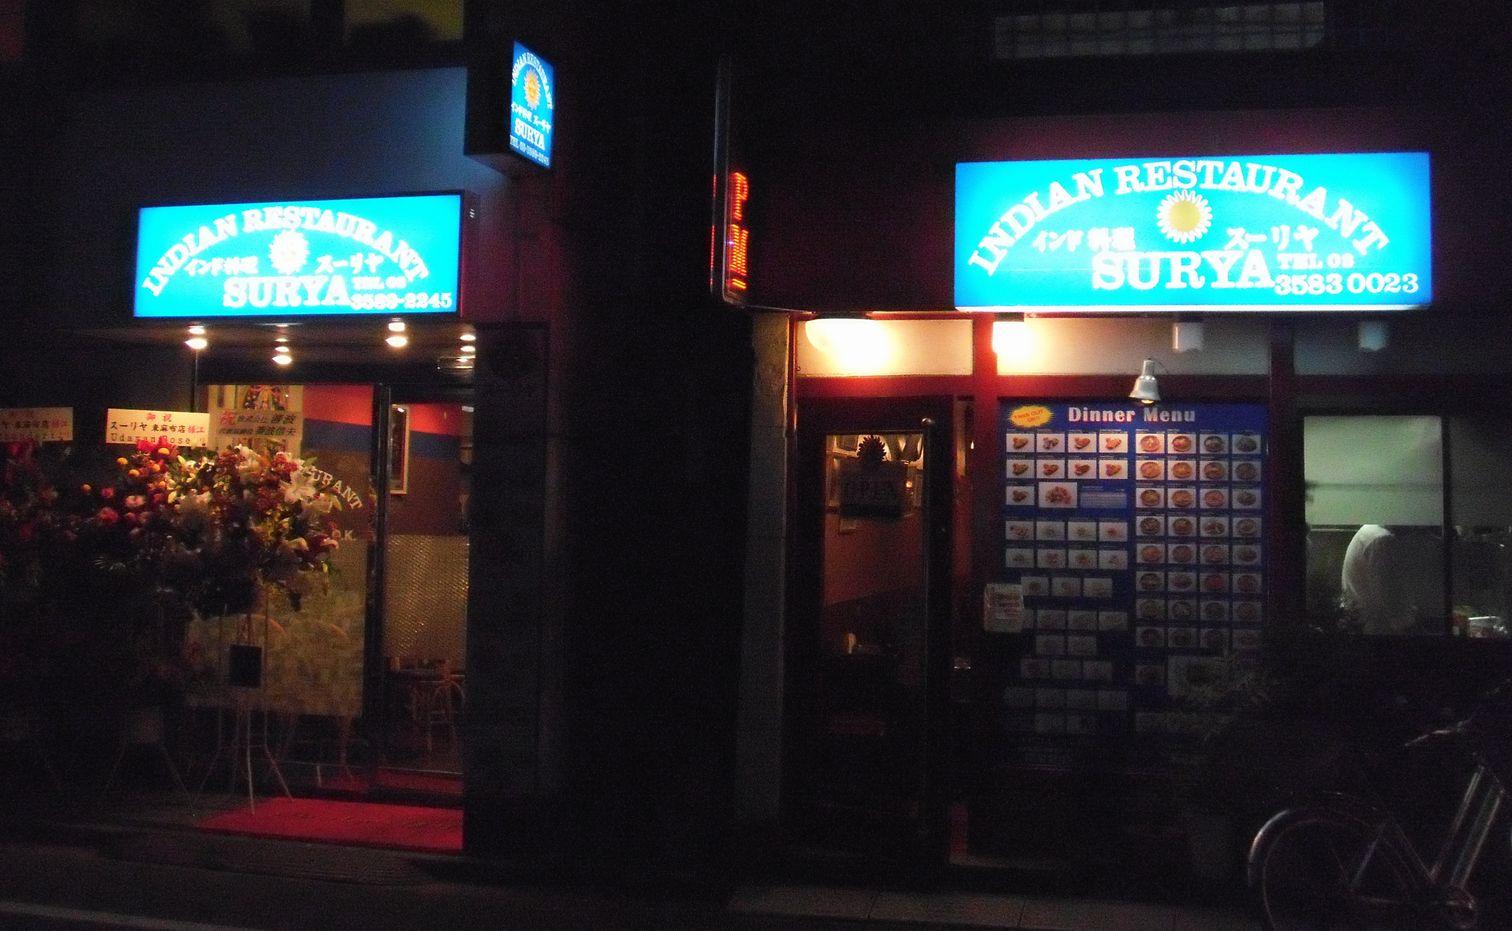 インド料理 スーリヤ 東麻布本店